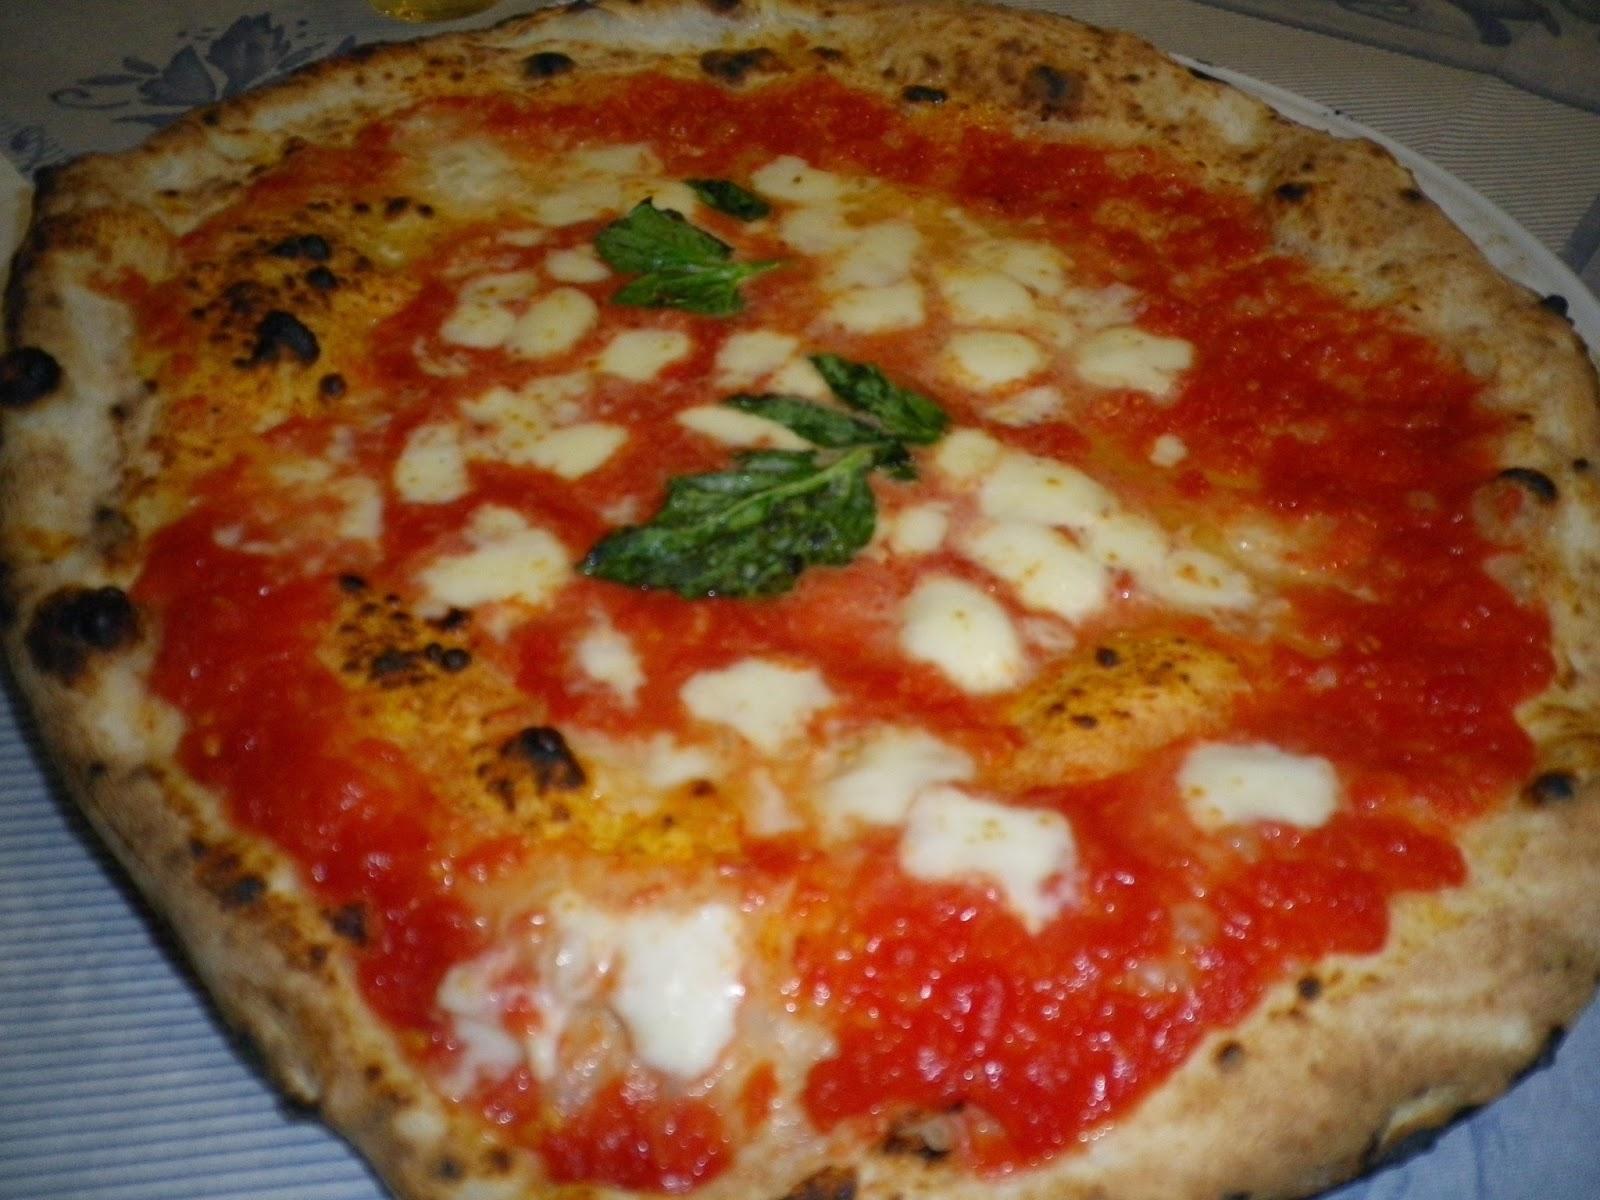 Recetas f ciles de josean mg pizza napolitana hecha en casa - Como hacer pizza en horno de lena ...